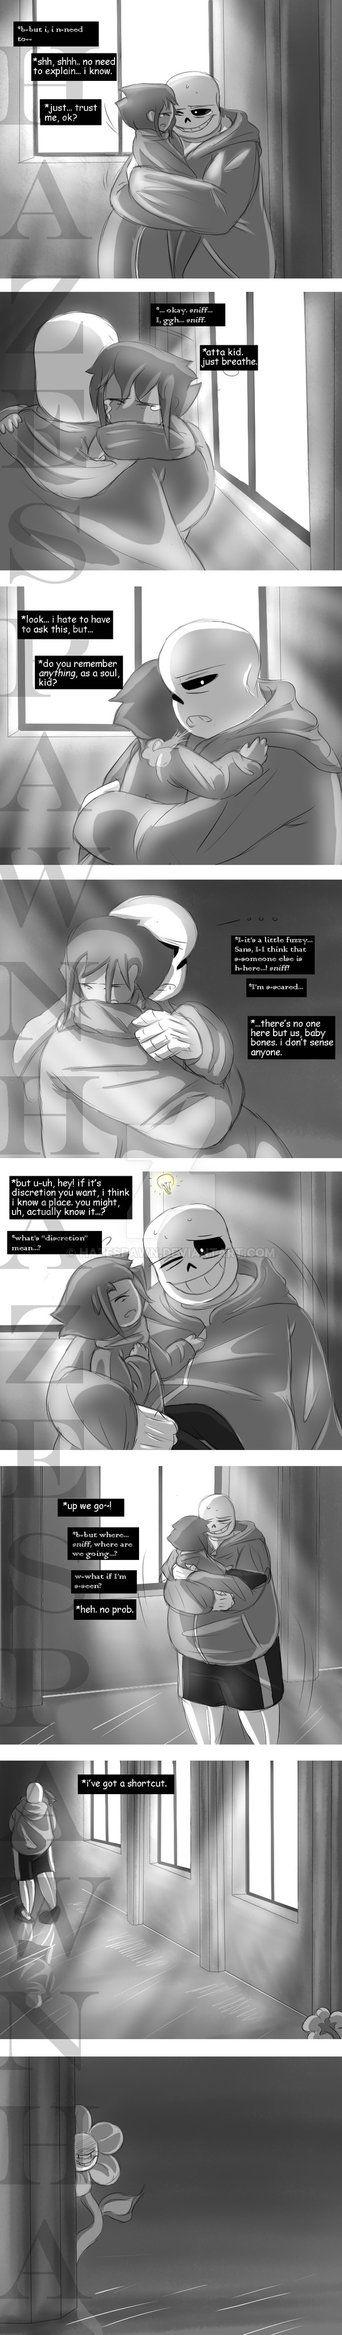 Judgement Hall (Part 27) by HazeSpawn